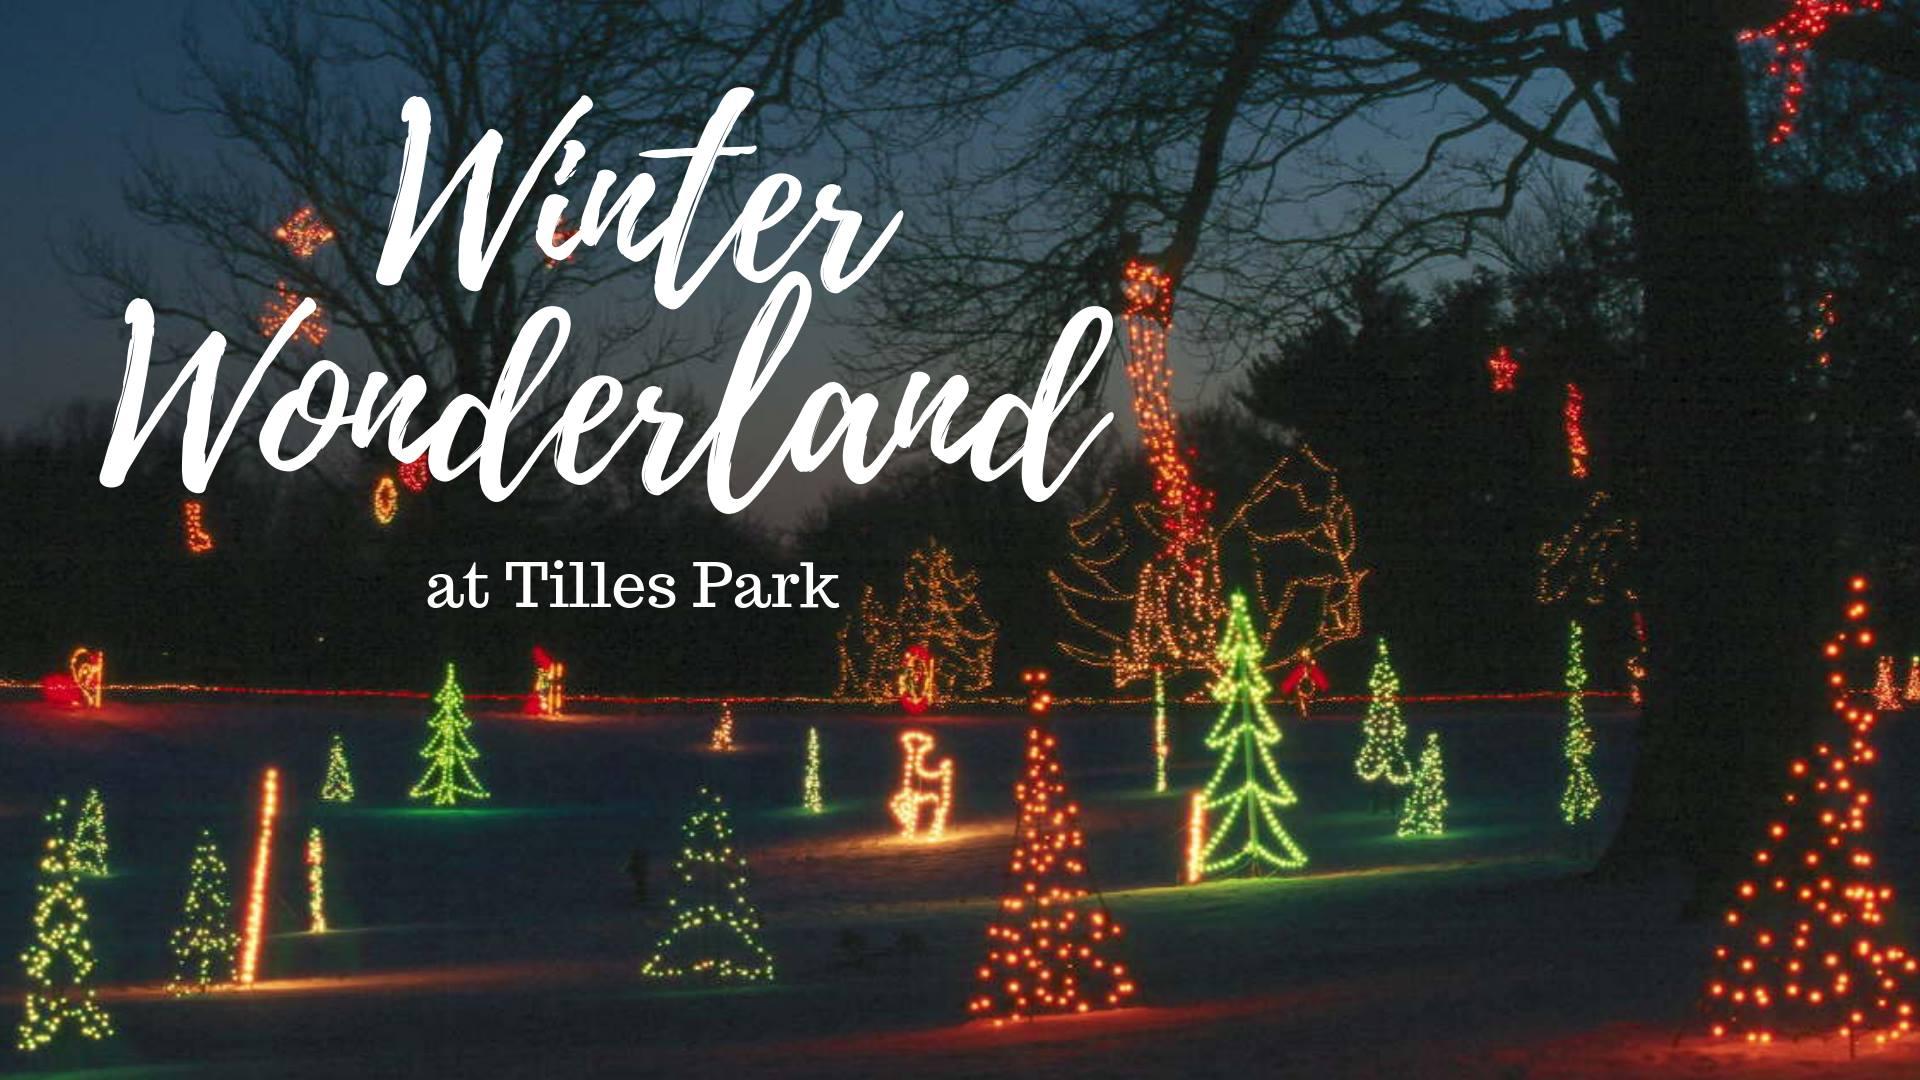 Winter Wonderland in Tilles Park | St. Louis Parent